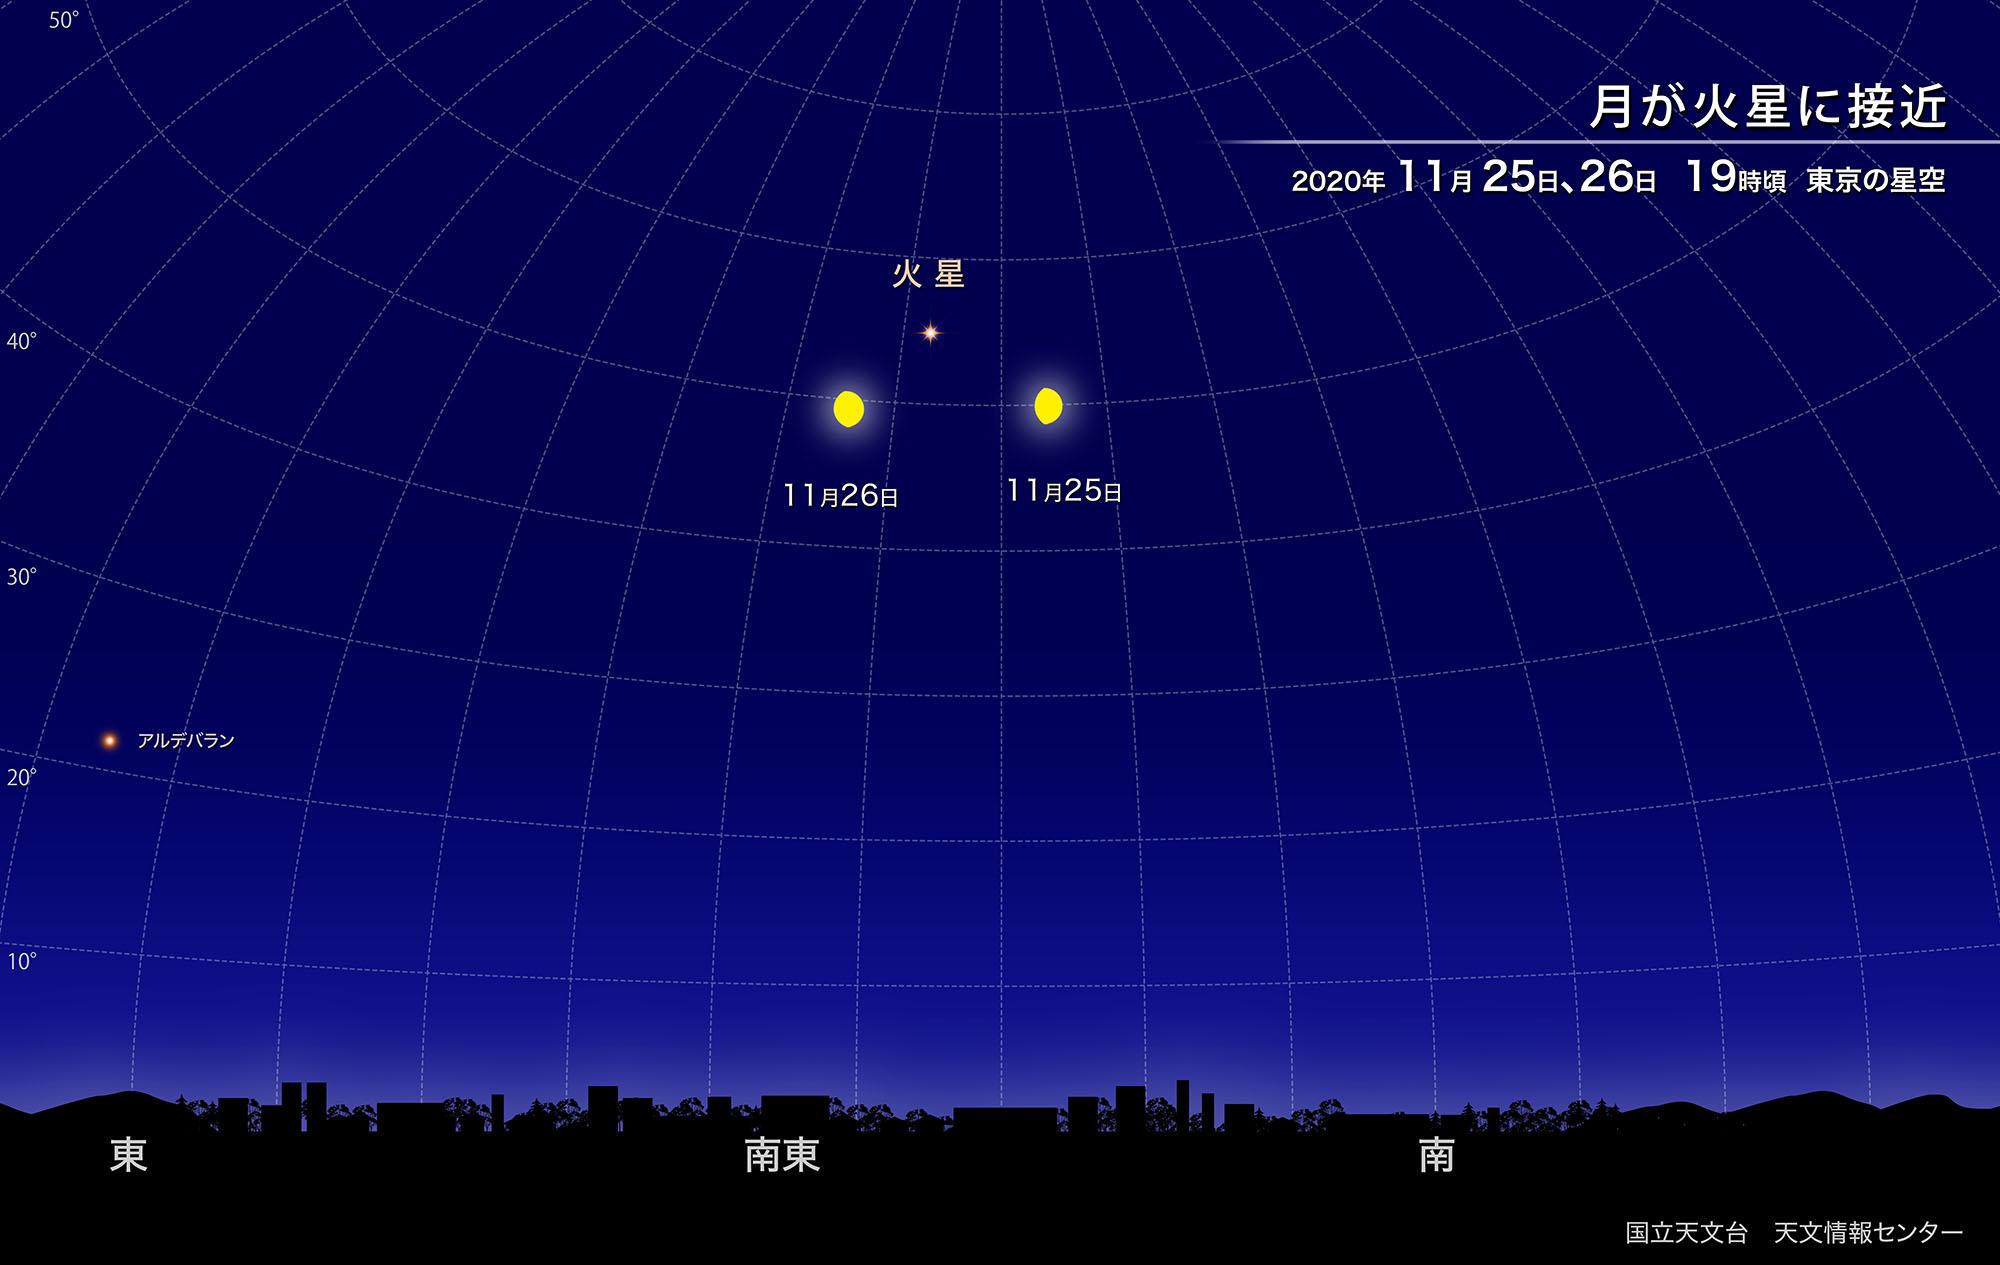 月が火星に接近(2020年11月) | 国立天文台(NAOJ)